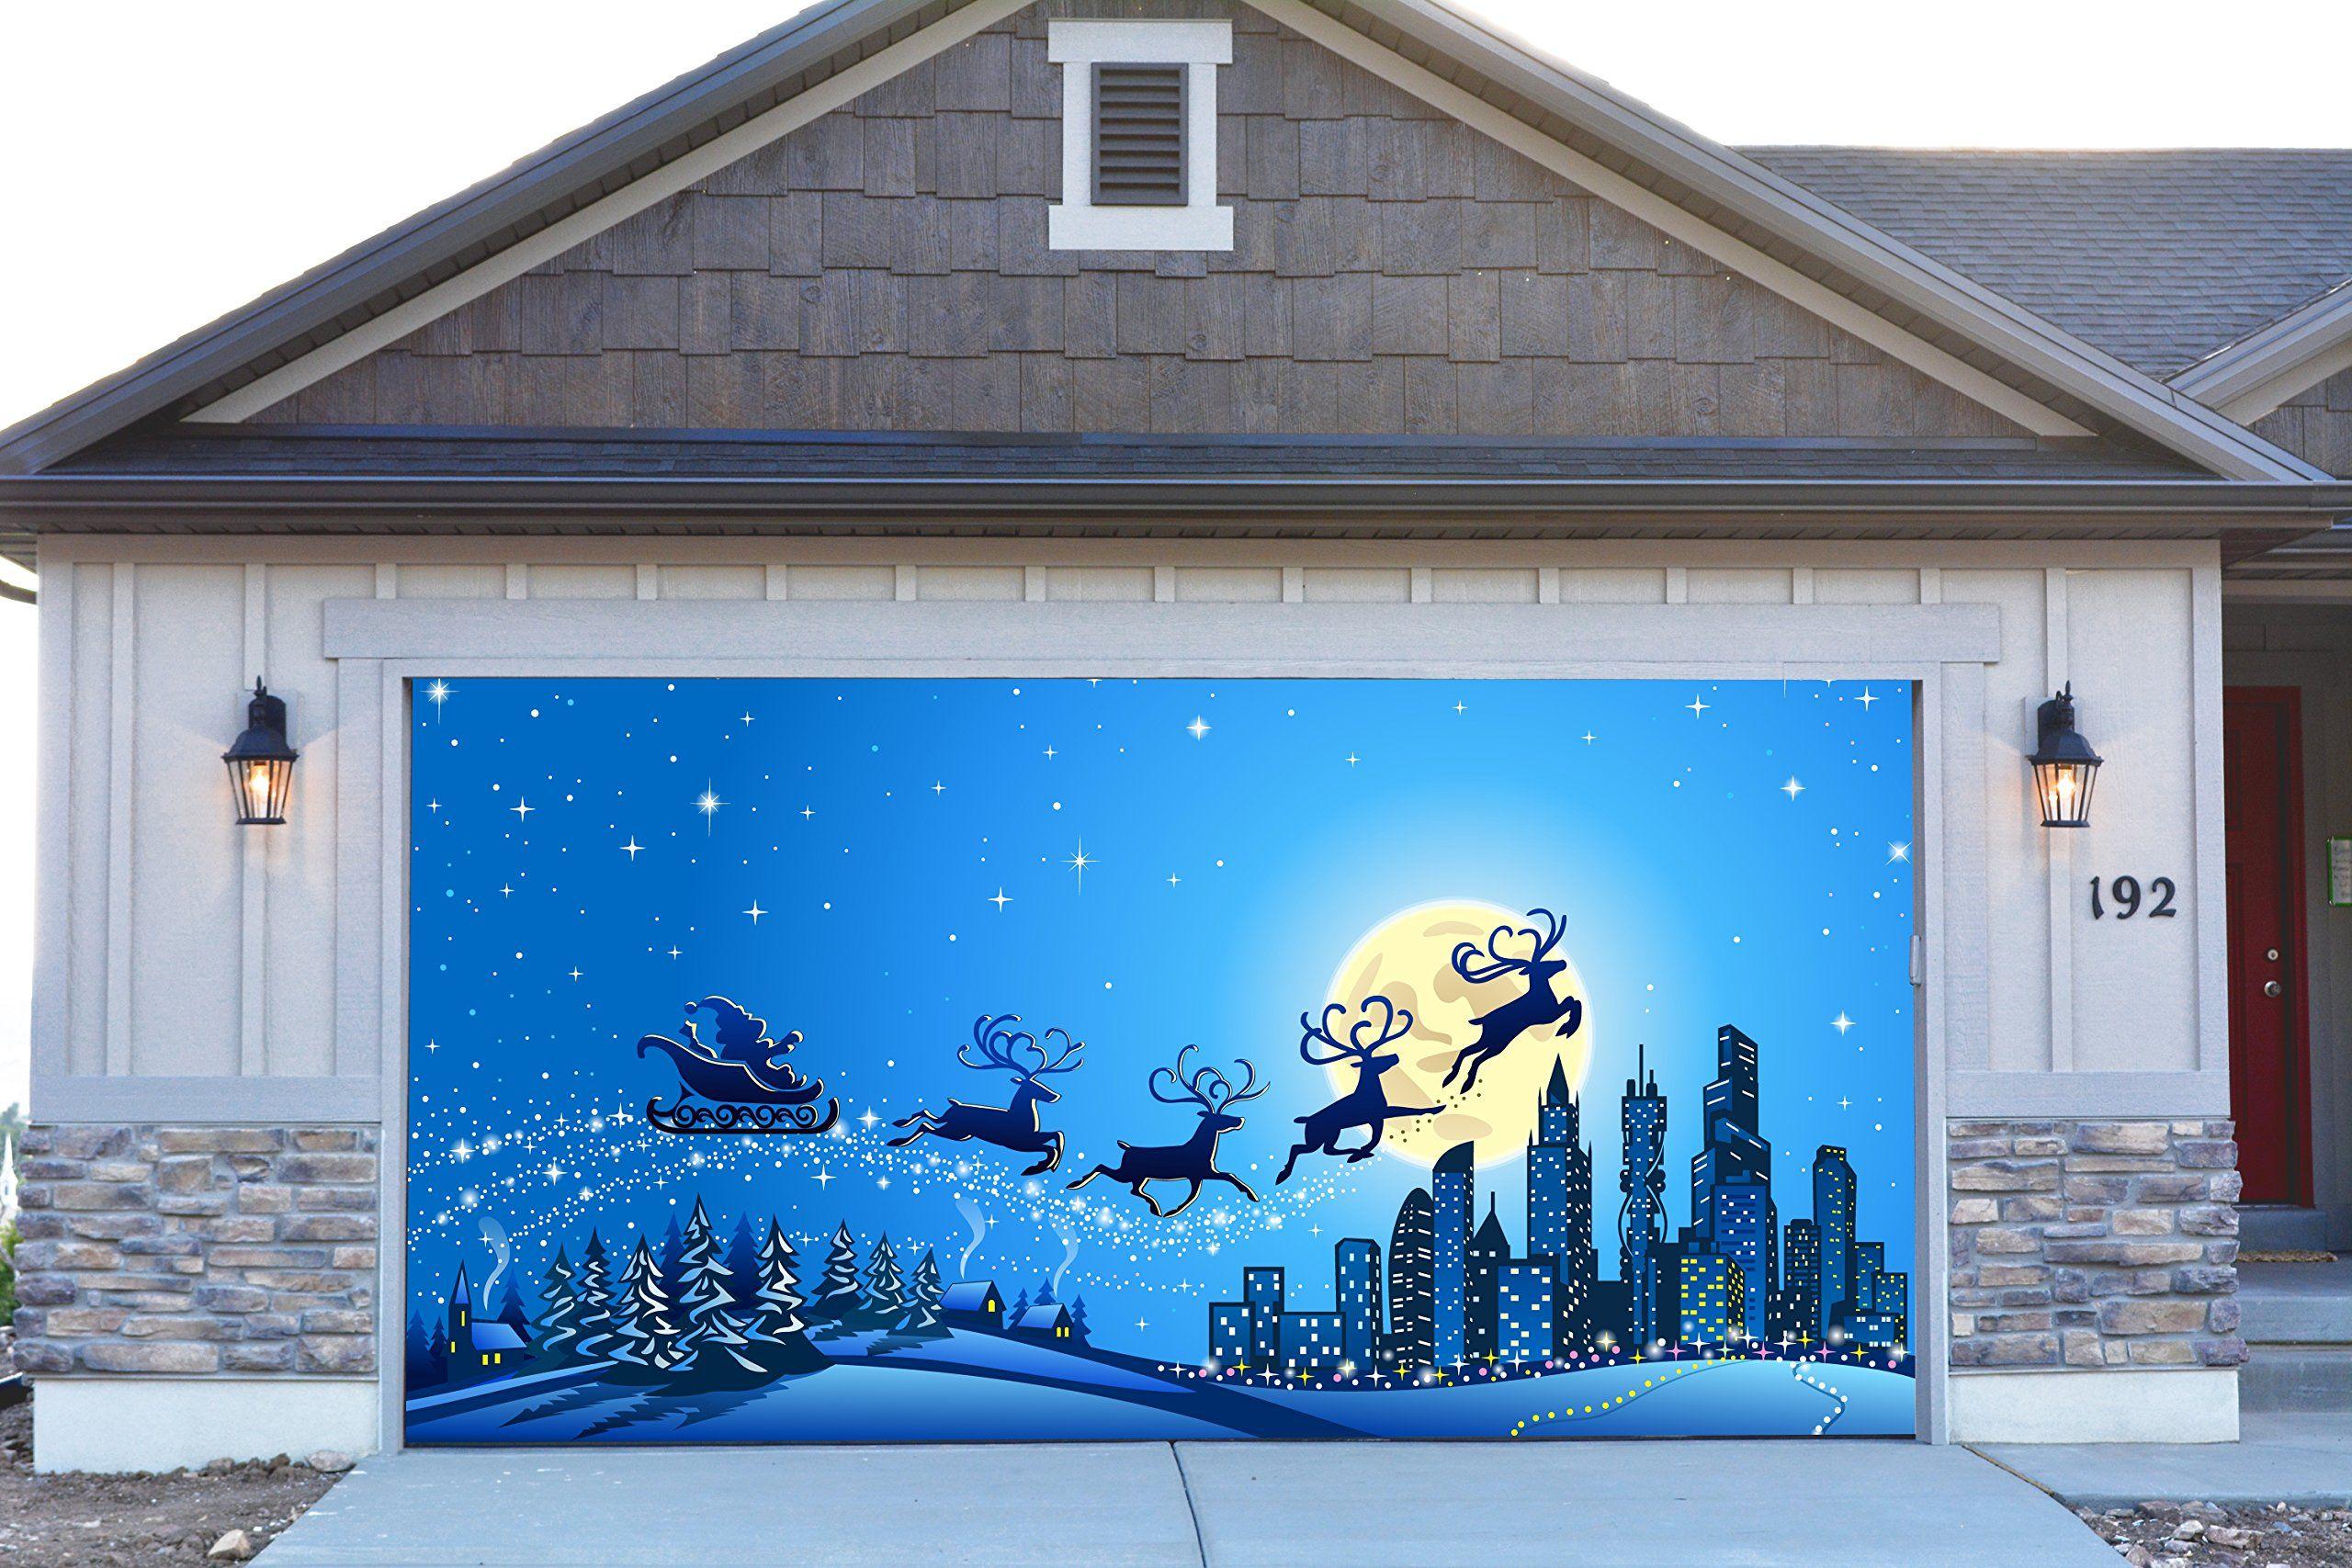 3d Garage Door Covers Christmas Decorations Outdoor Wall ...